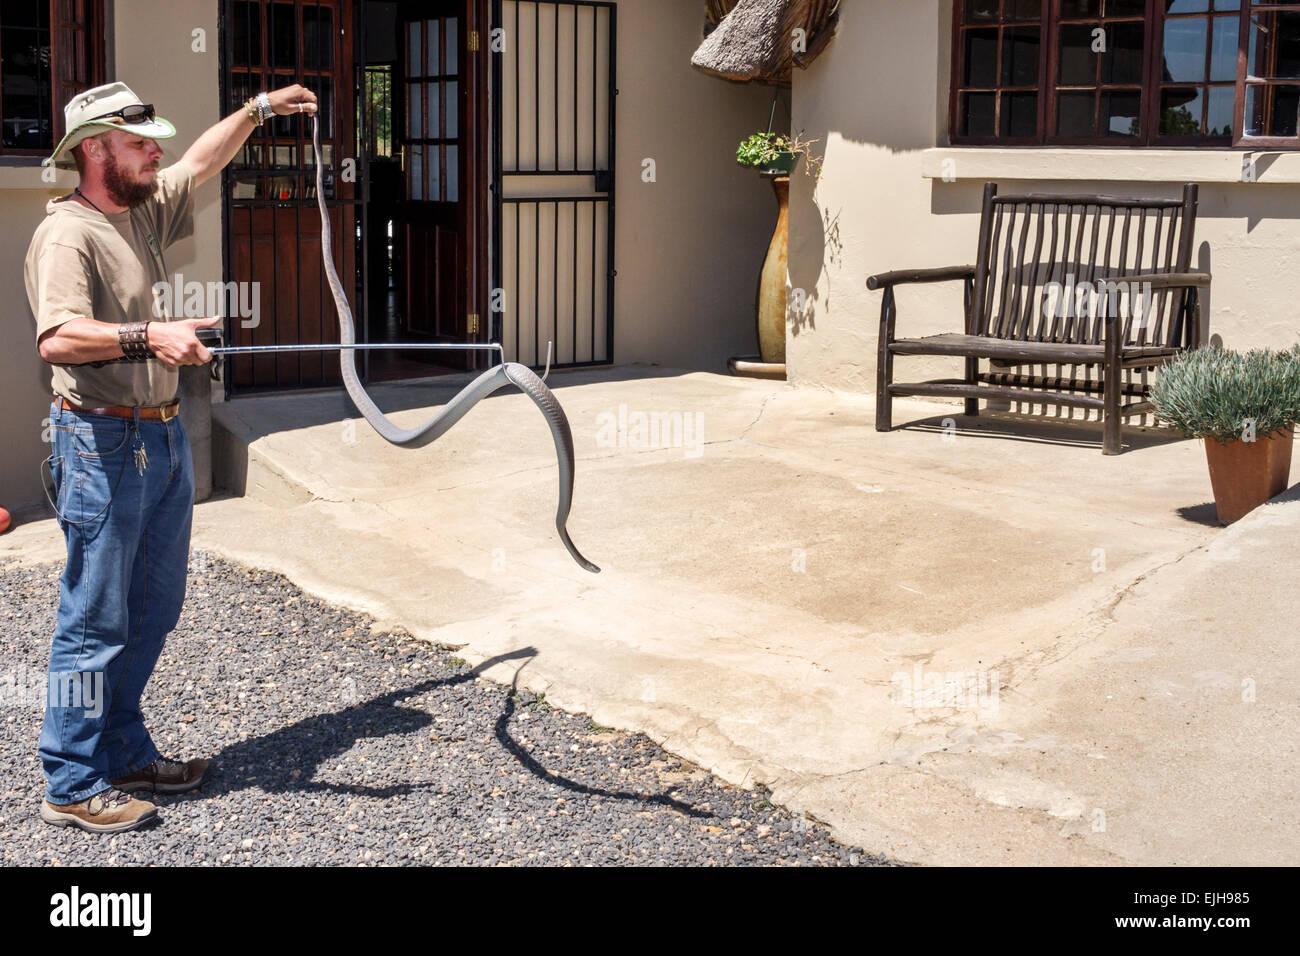 Johannesburgo, Sudáfrica African Croc ciudad parque de reptiles y cocodrilos granja animal empleado viendo Imagen De Stock